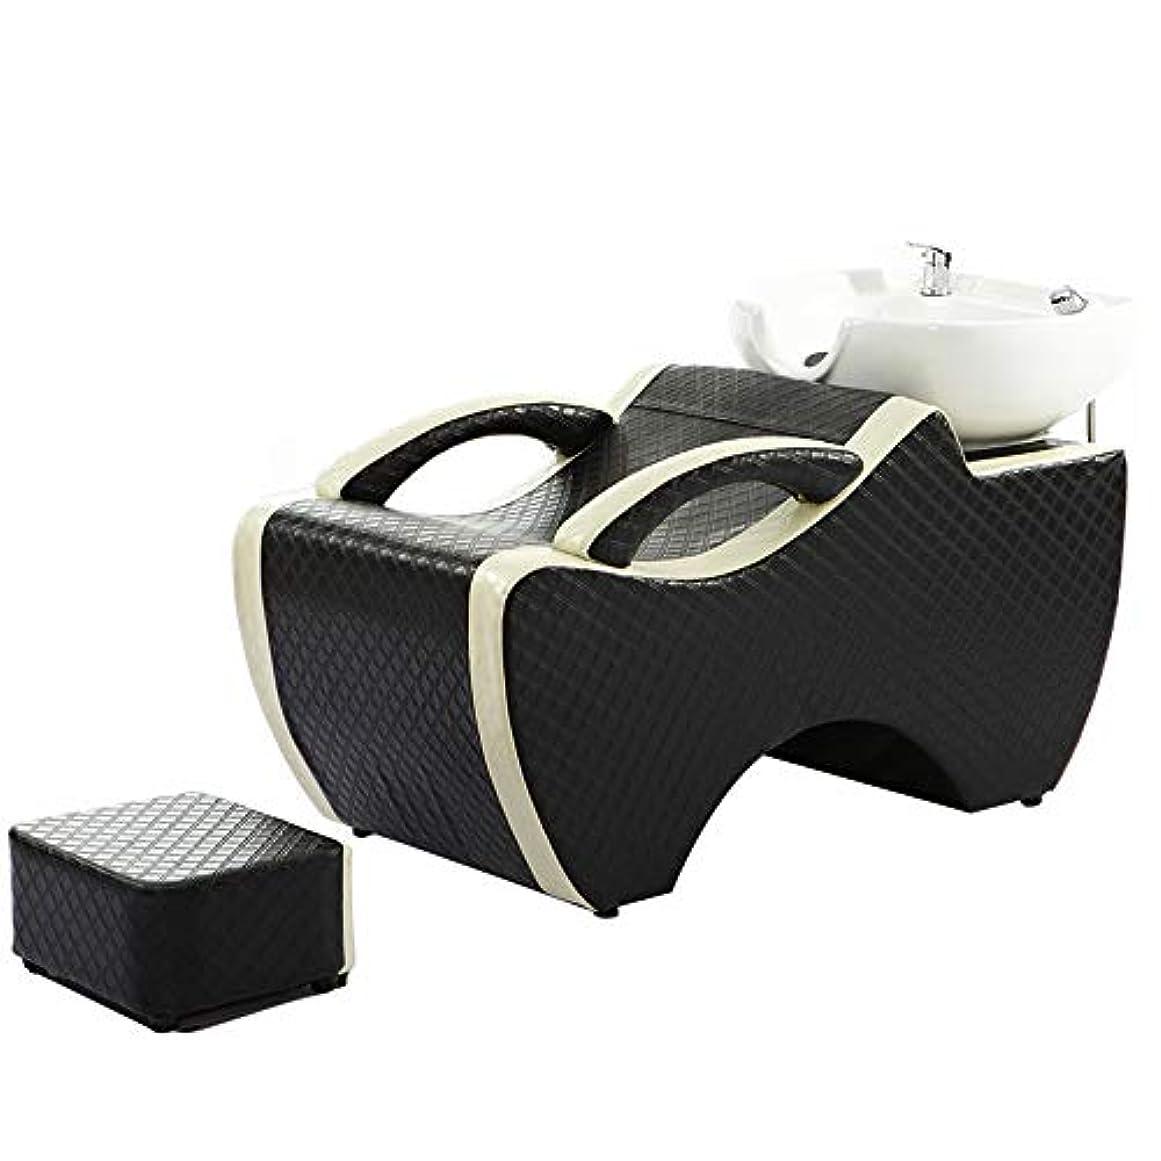 二度影響を受けやすいです食物シャンプー椅子、逆洗ユニットシャンプーボウル理髪シンク椅子用スパ美容院ベッドセラミック洗面台